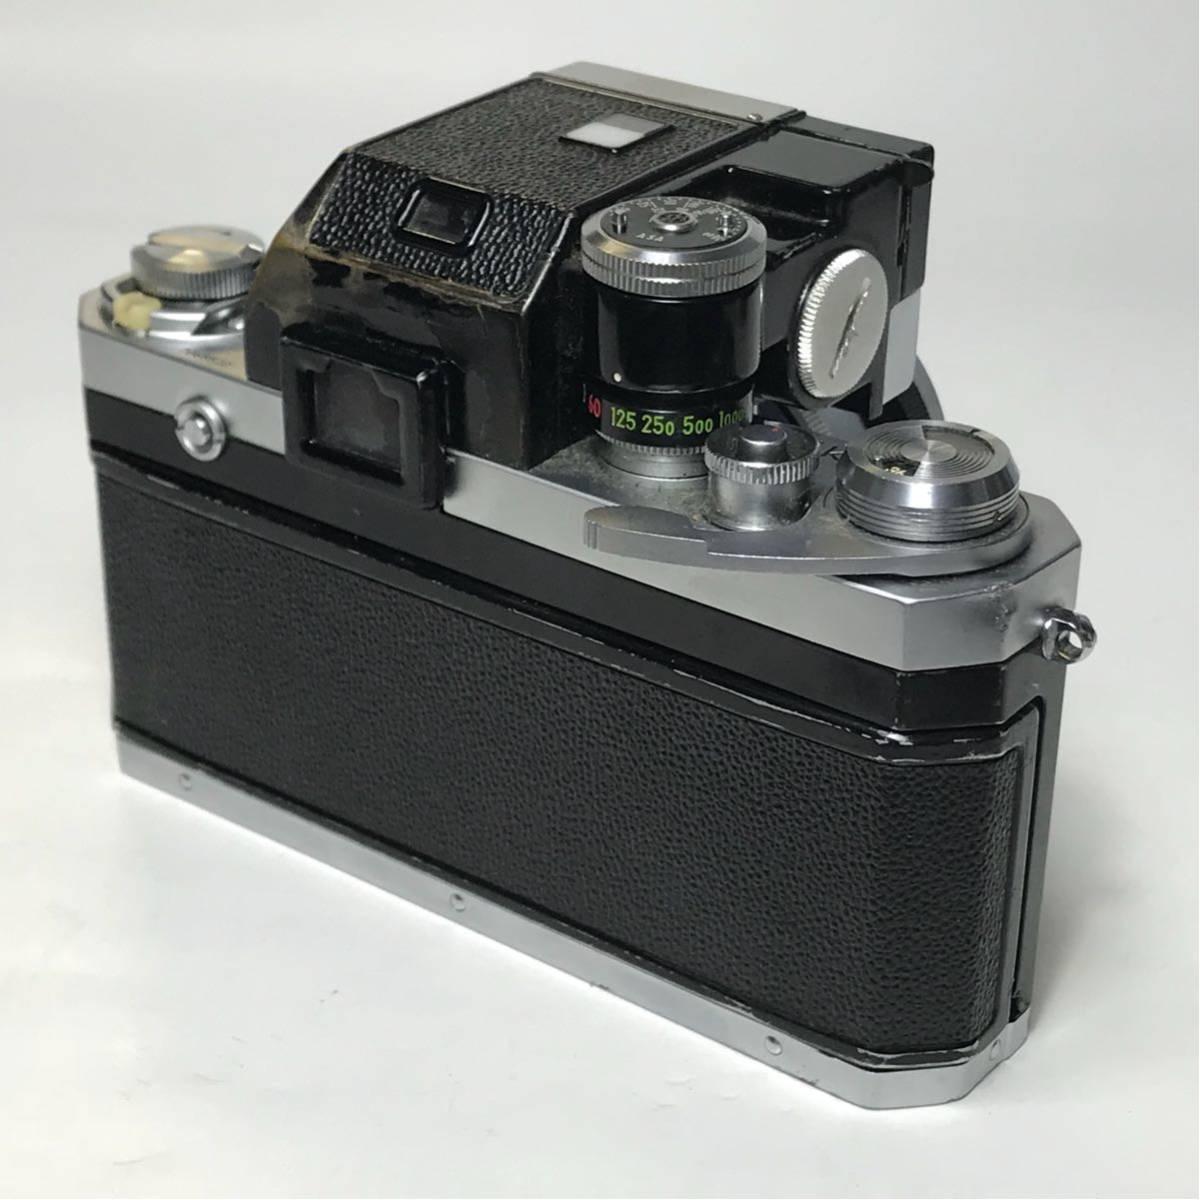 Nikon F Photomic FTN /ニコン F 外部測光式フォトミックファインダー SLR FILM CAMERA with/Nikkor 1.4 50㎜【c/n7065523】_画像4